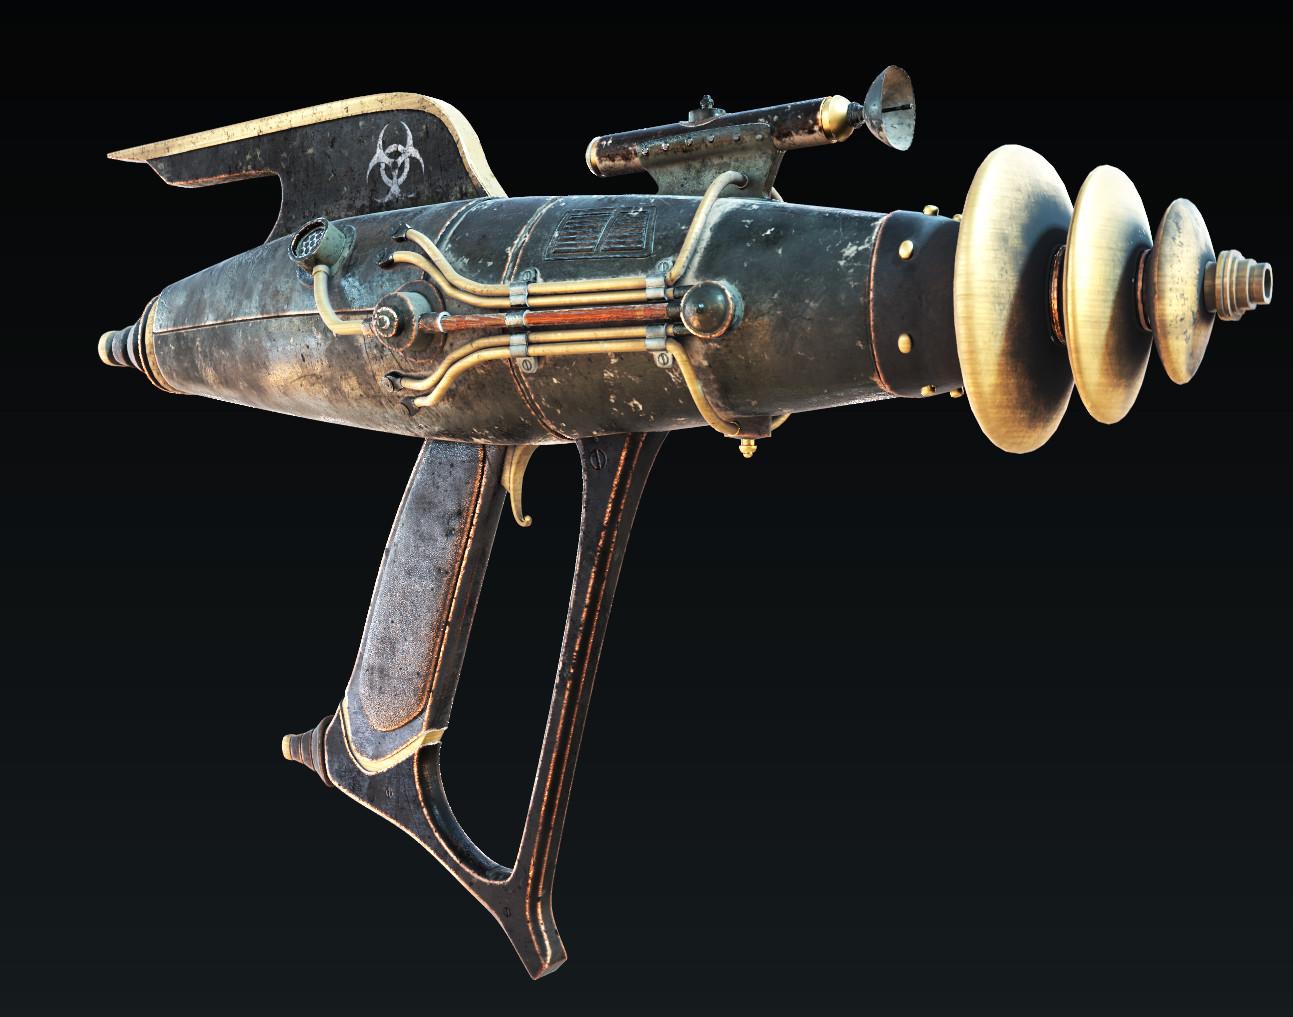 TF2 Dr. Grordbort's / Cyber  Steampunk GUN